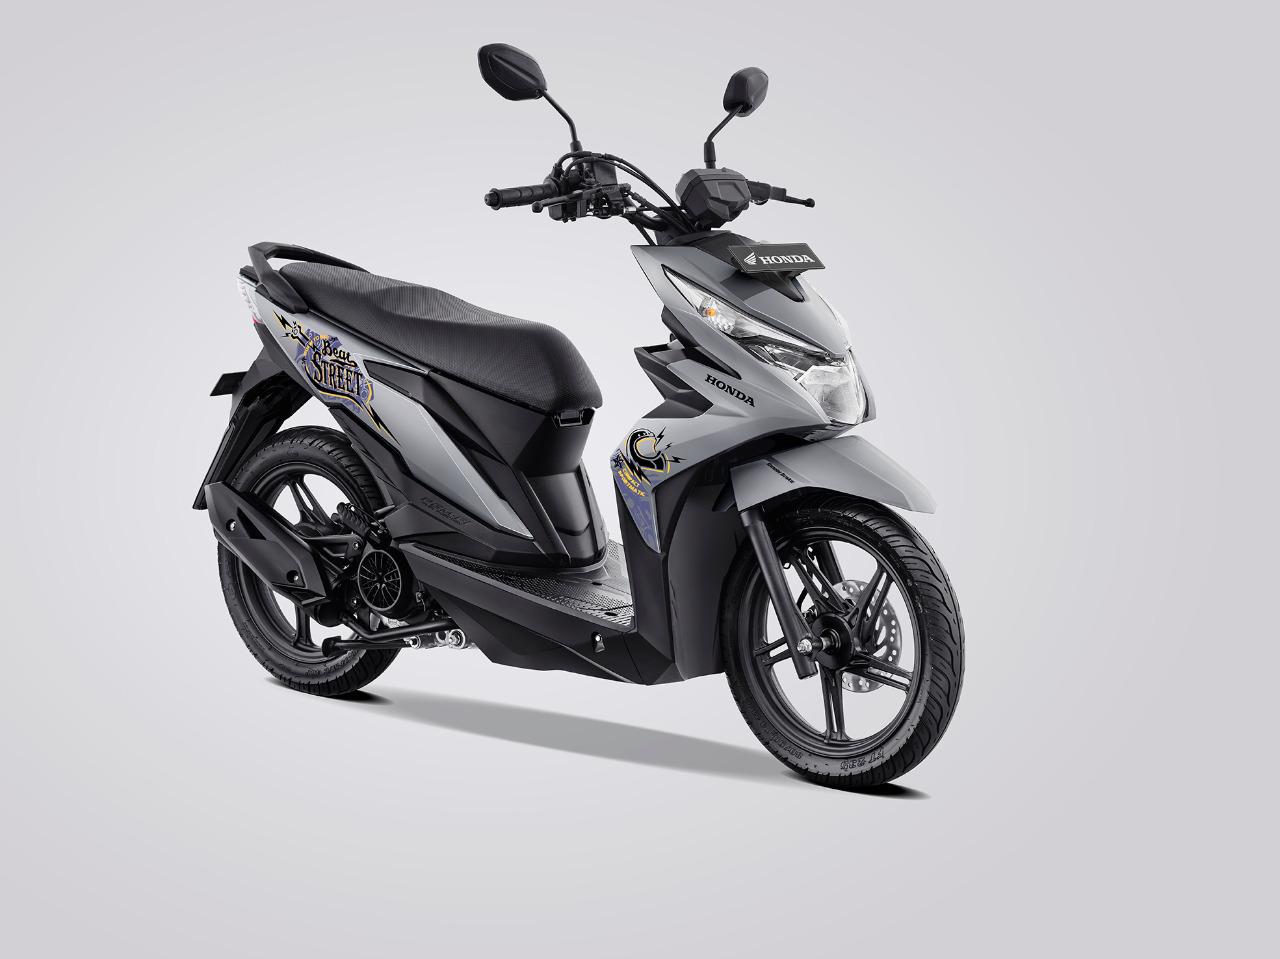 AHM awali tahun 2019 dengan merilis warna baru untuk Honda BeAT versi 2019